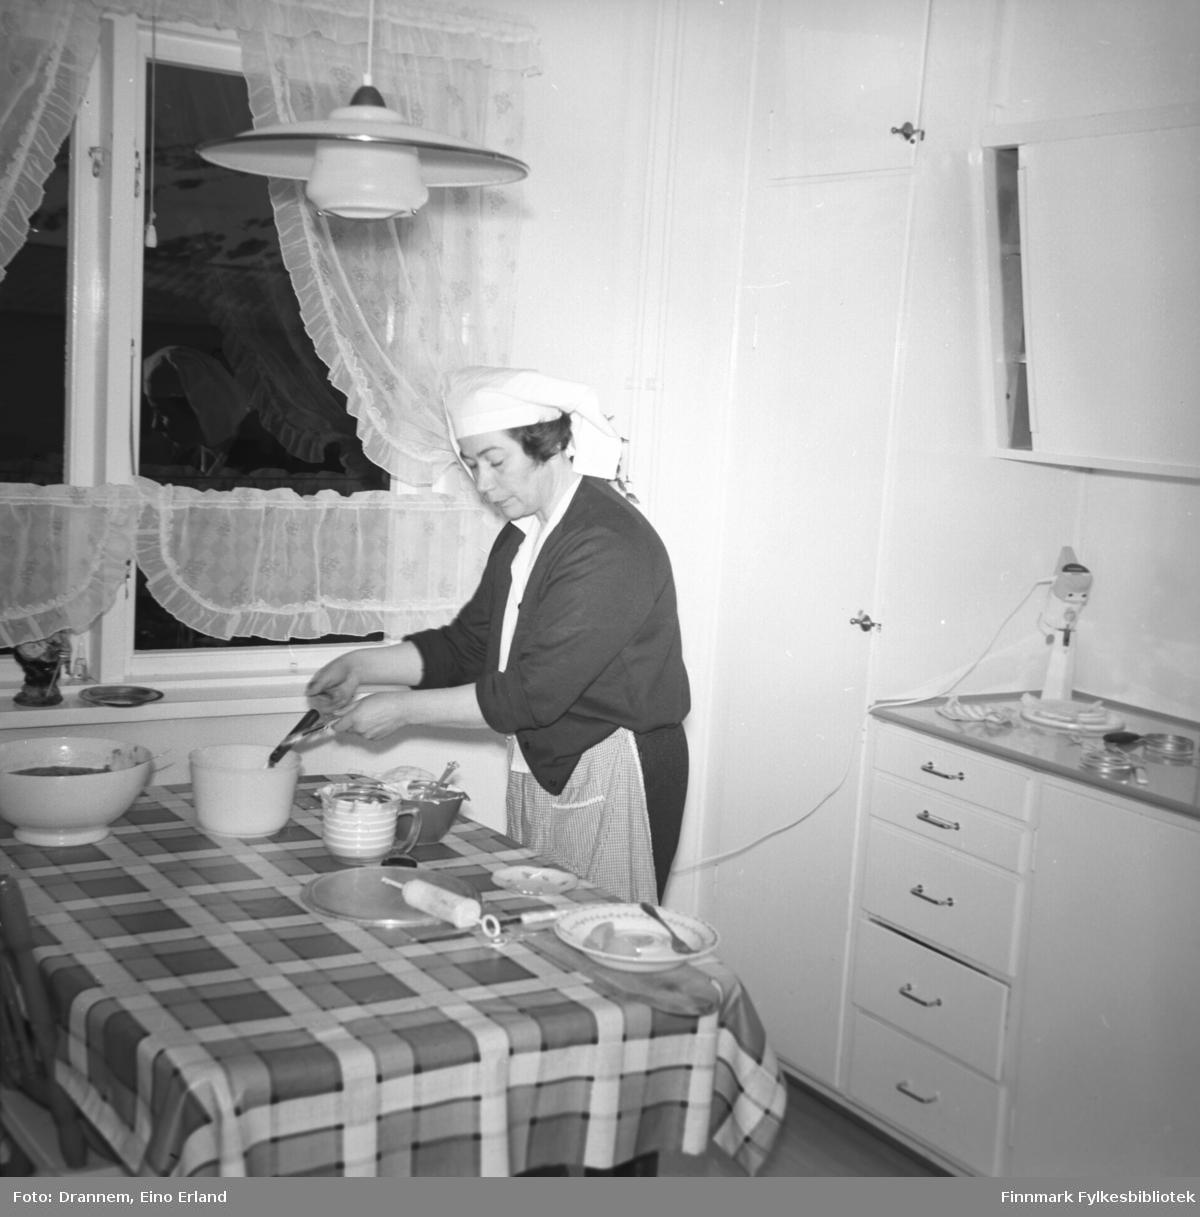 Jenny Drannem lager deig ved kjøkkenbordet hjemme i leiligheta i Hammerfest.